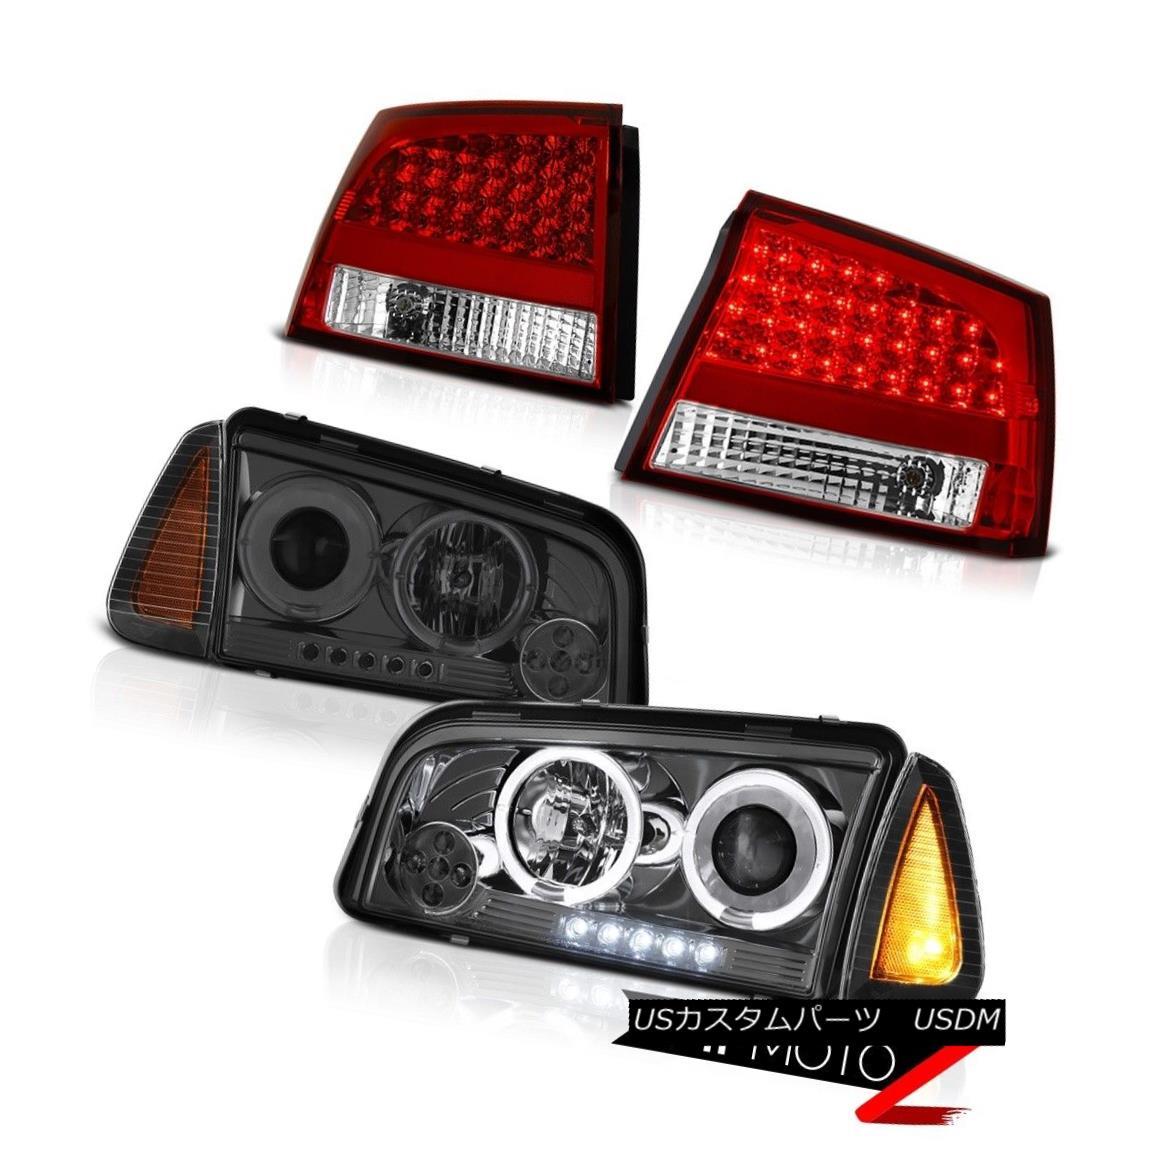 テールライト 2006 2007 2008 Charger SXT Tail lights inky black signal lamp smokey headlights 2006年2007年2008充電器SXTテールライト黒色の信号ランプスモーヘッドライト